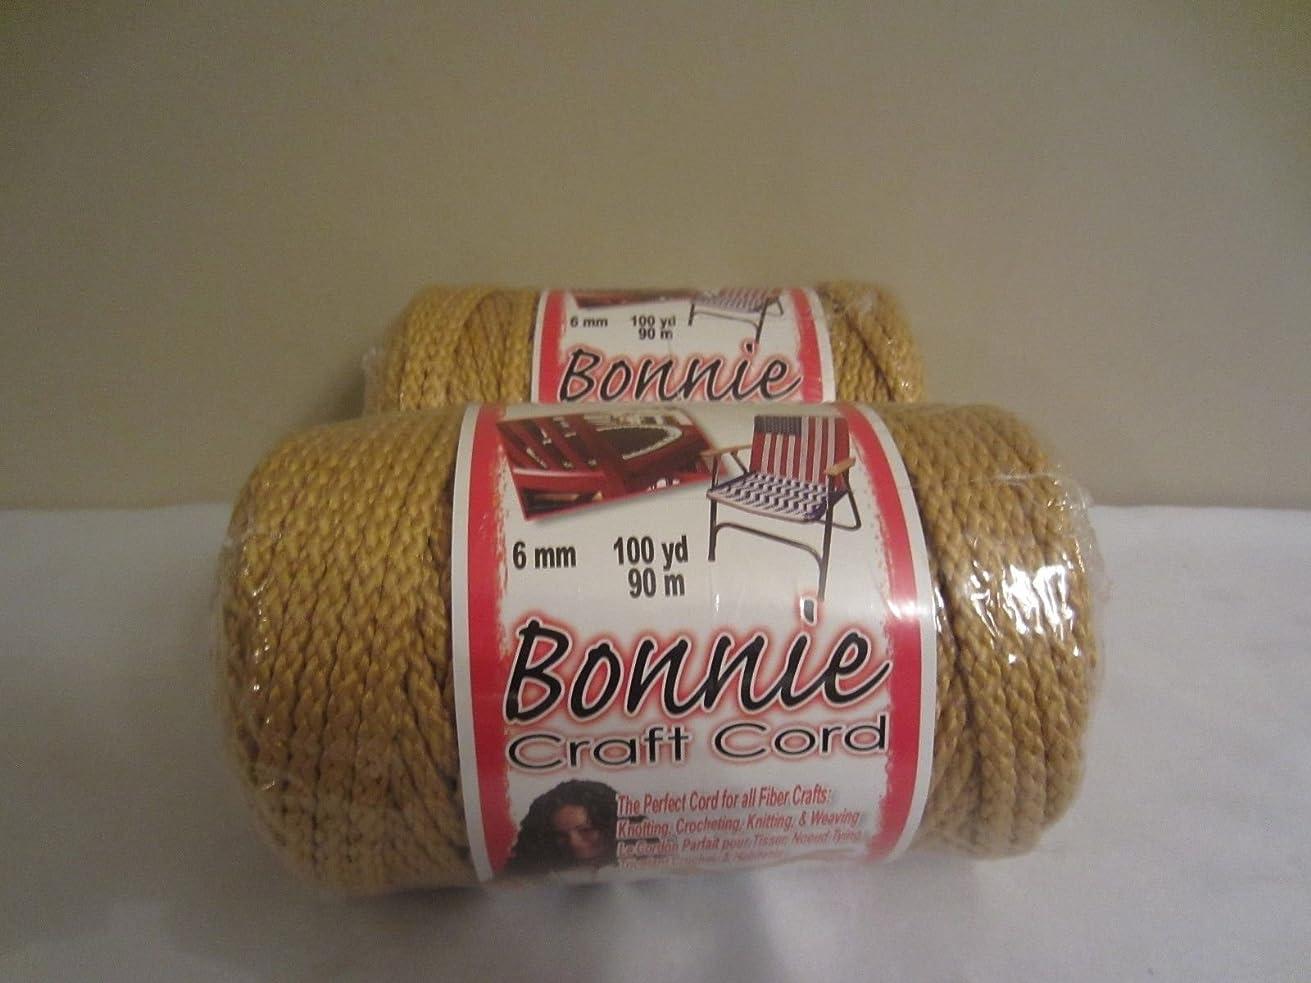 Bonnie Macrame Craft Cord 6mmx100yd-Gold